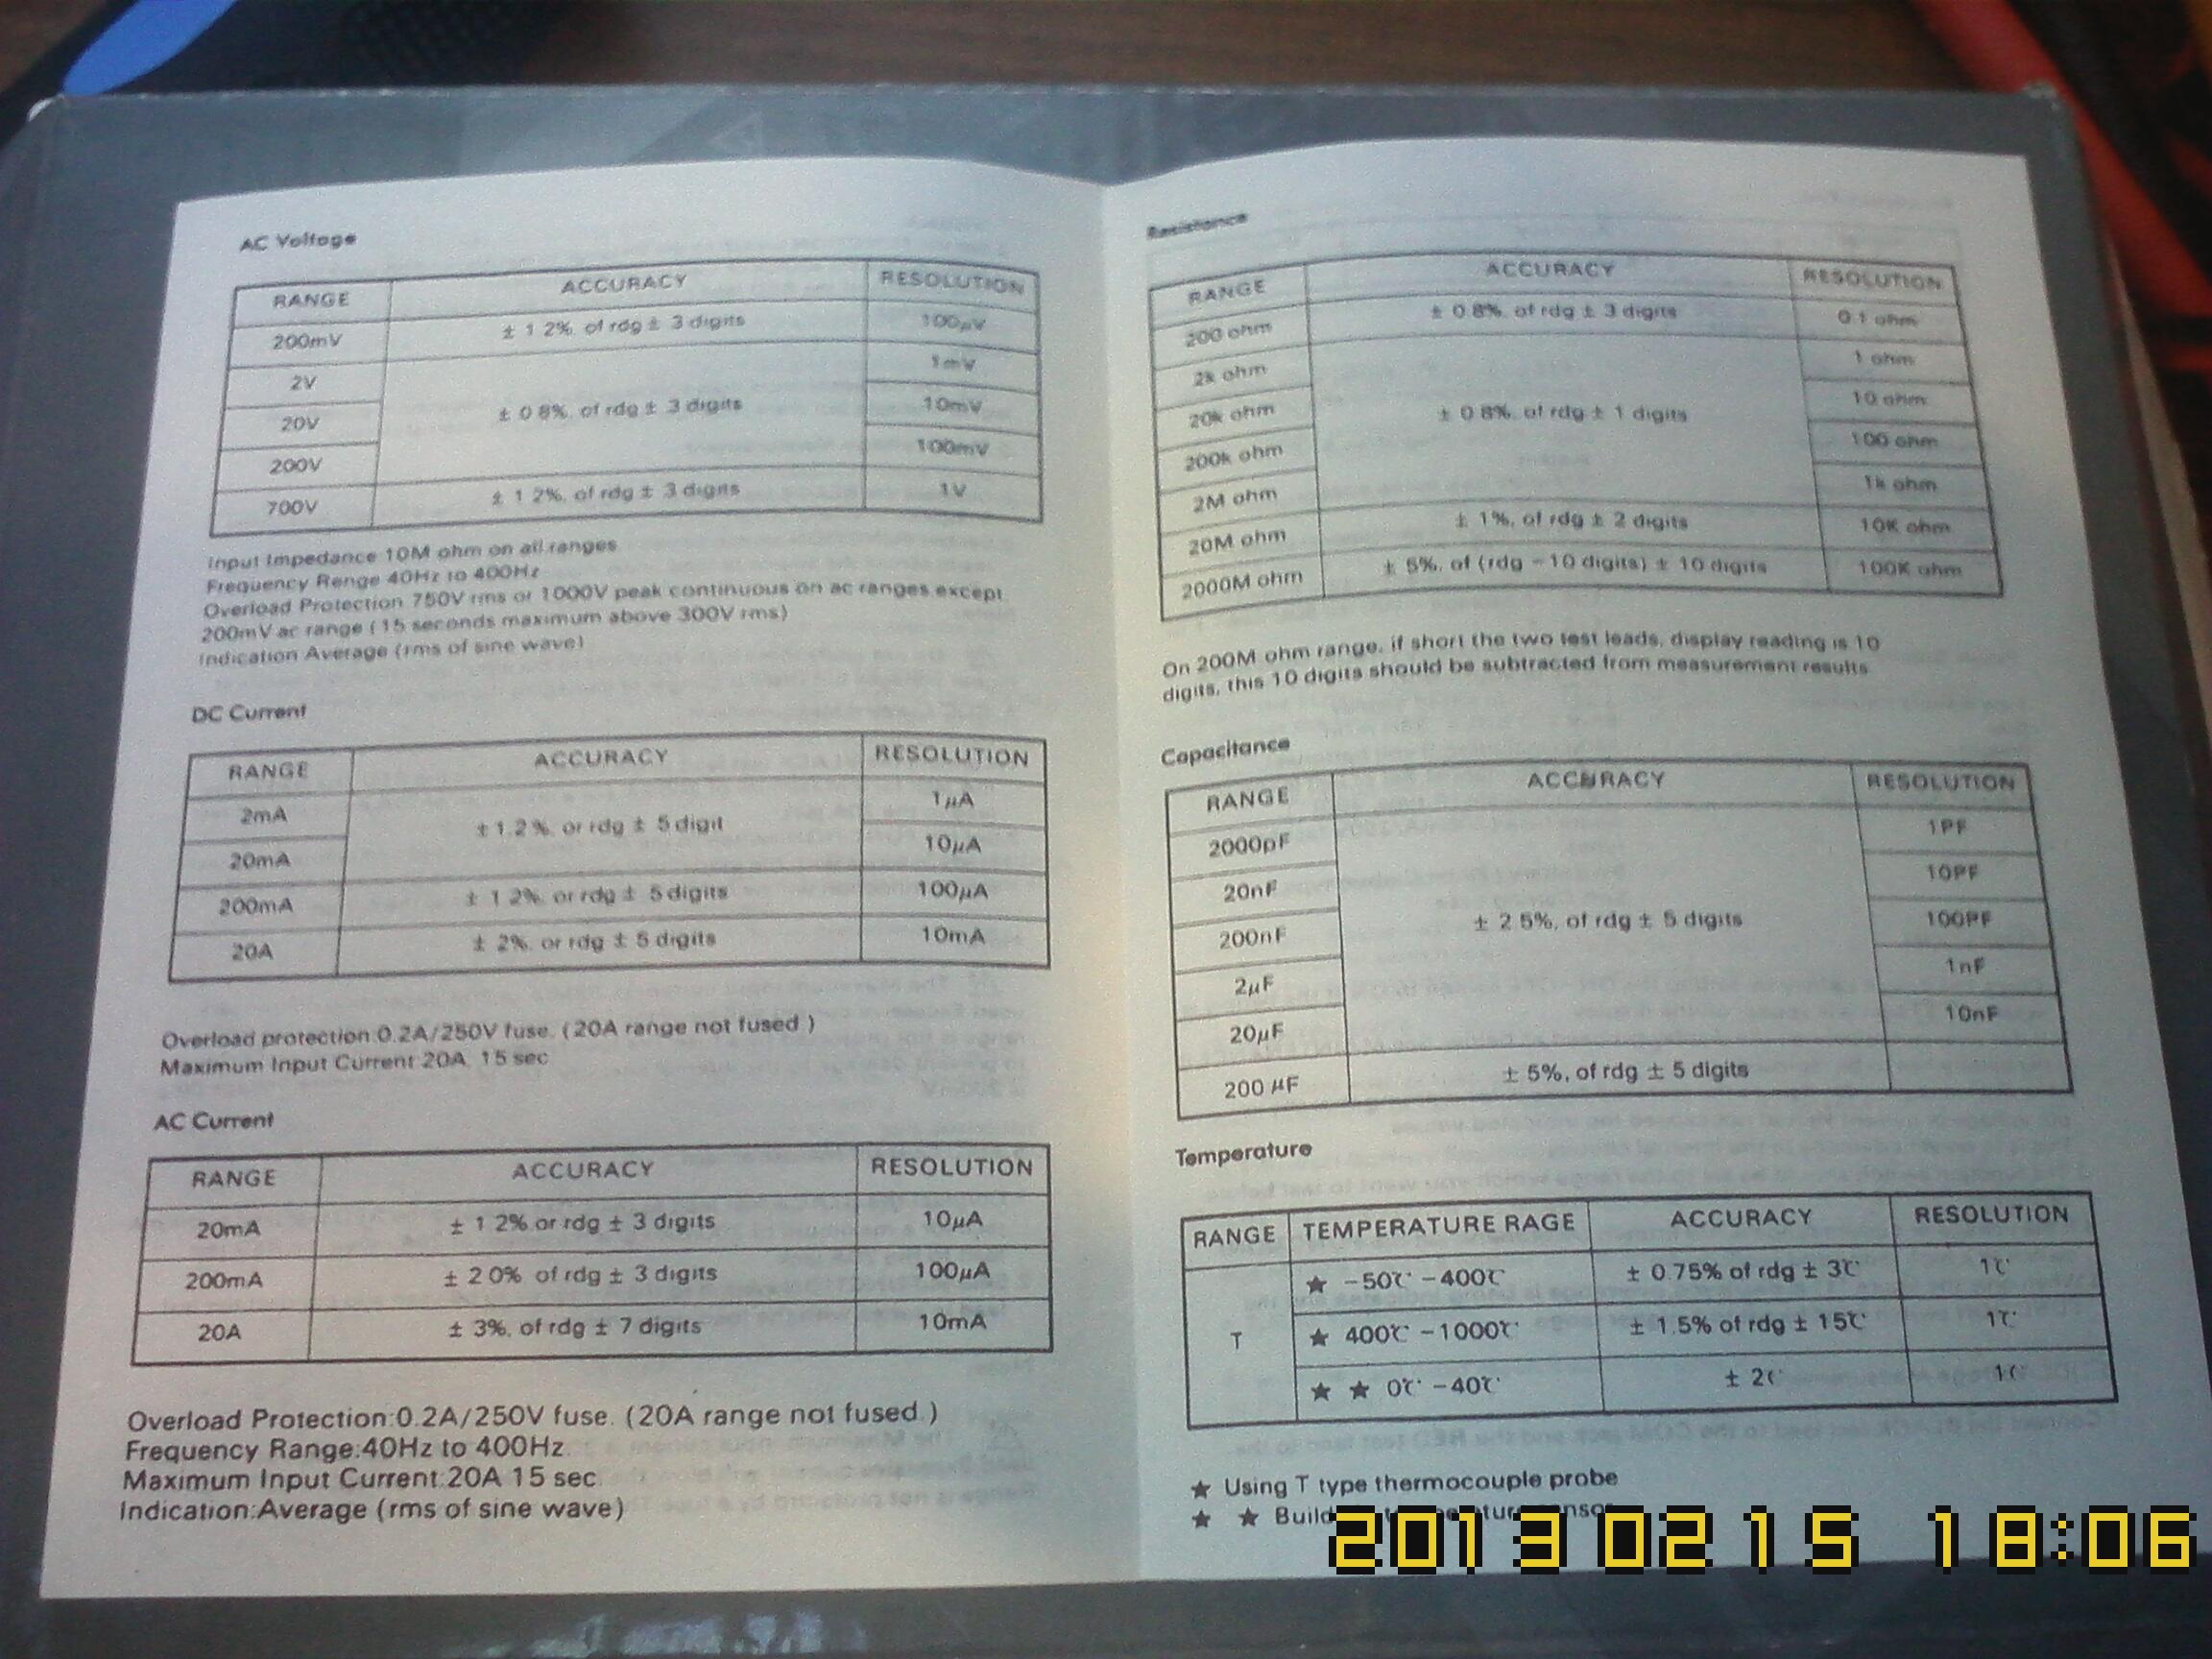 Инструкция по эксплуатации мультиметра dt9205a